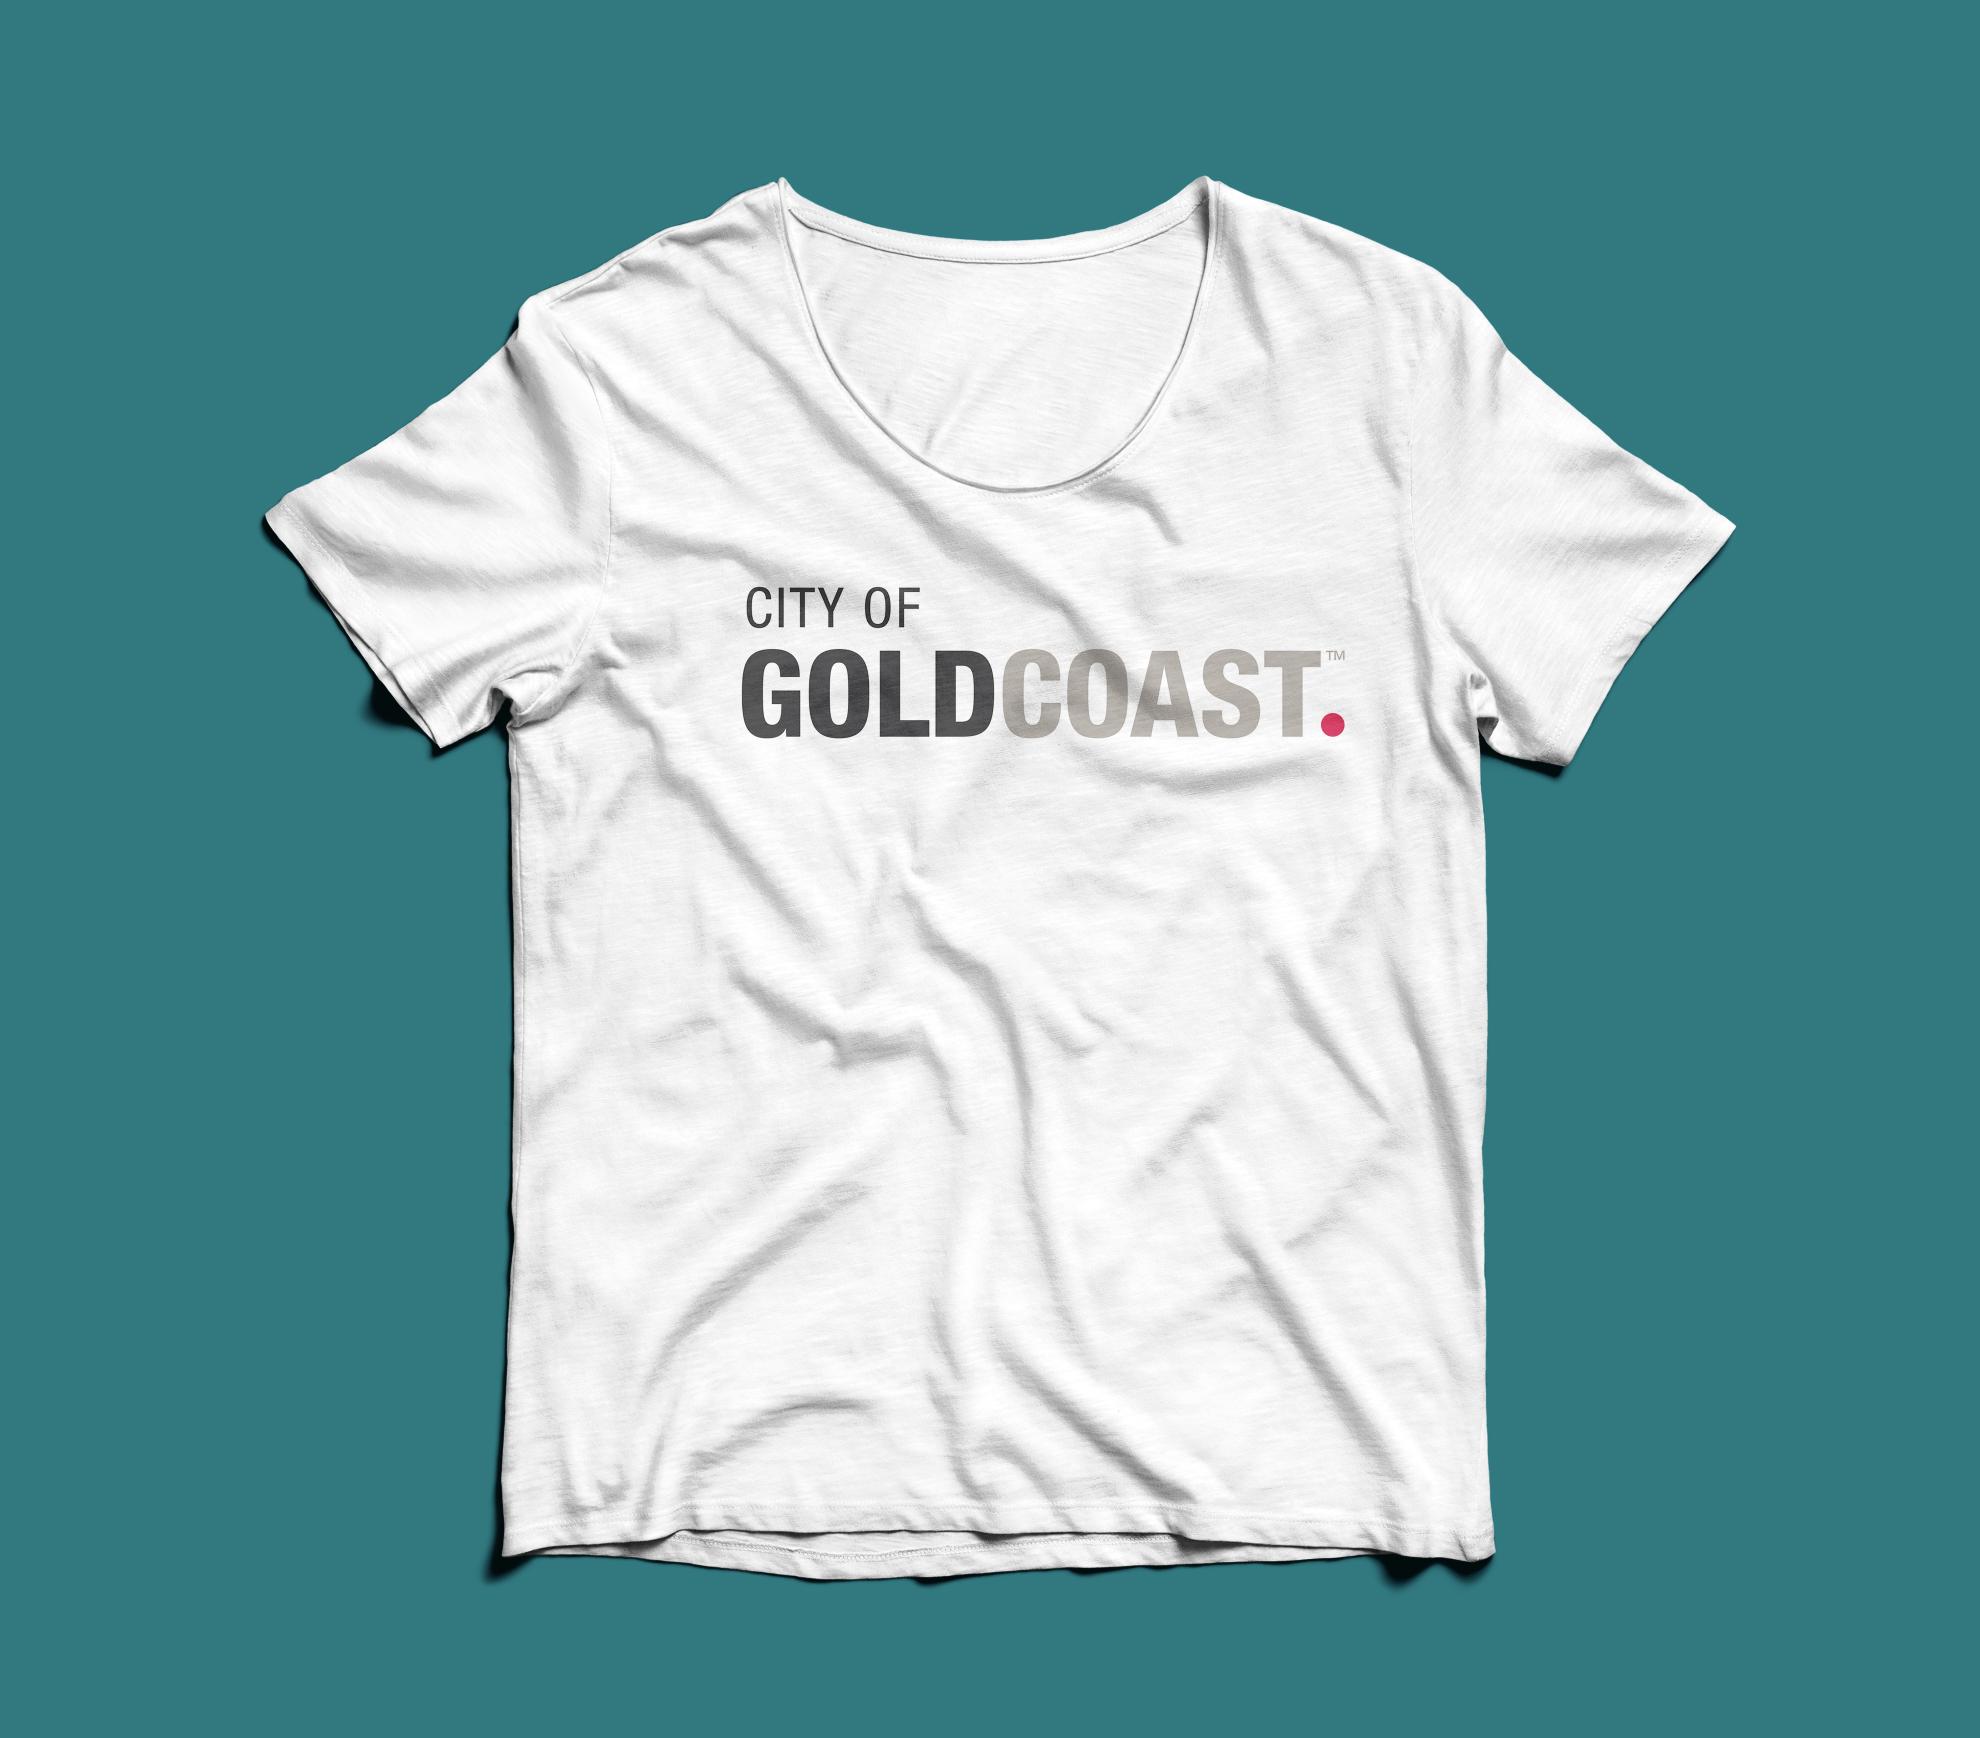 Tshirt 6.png